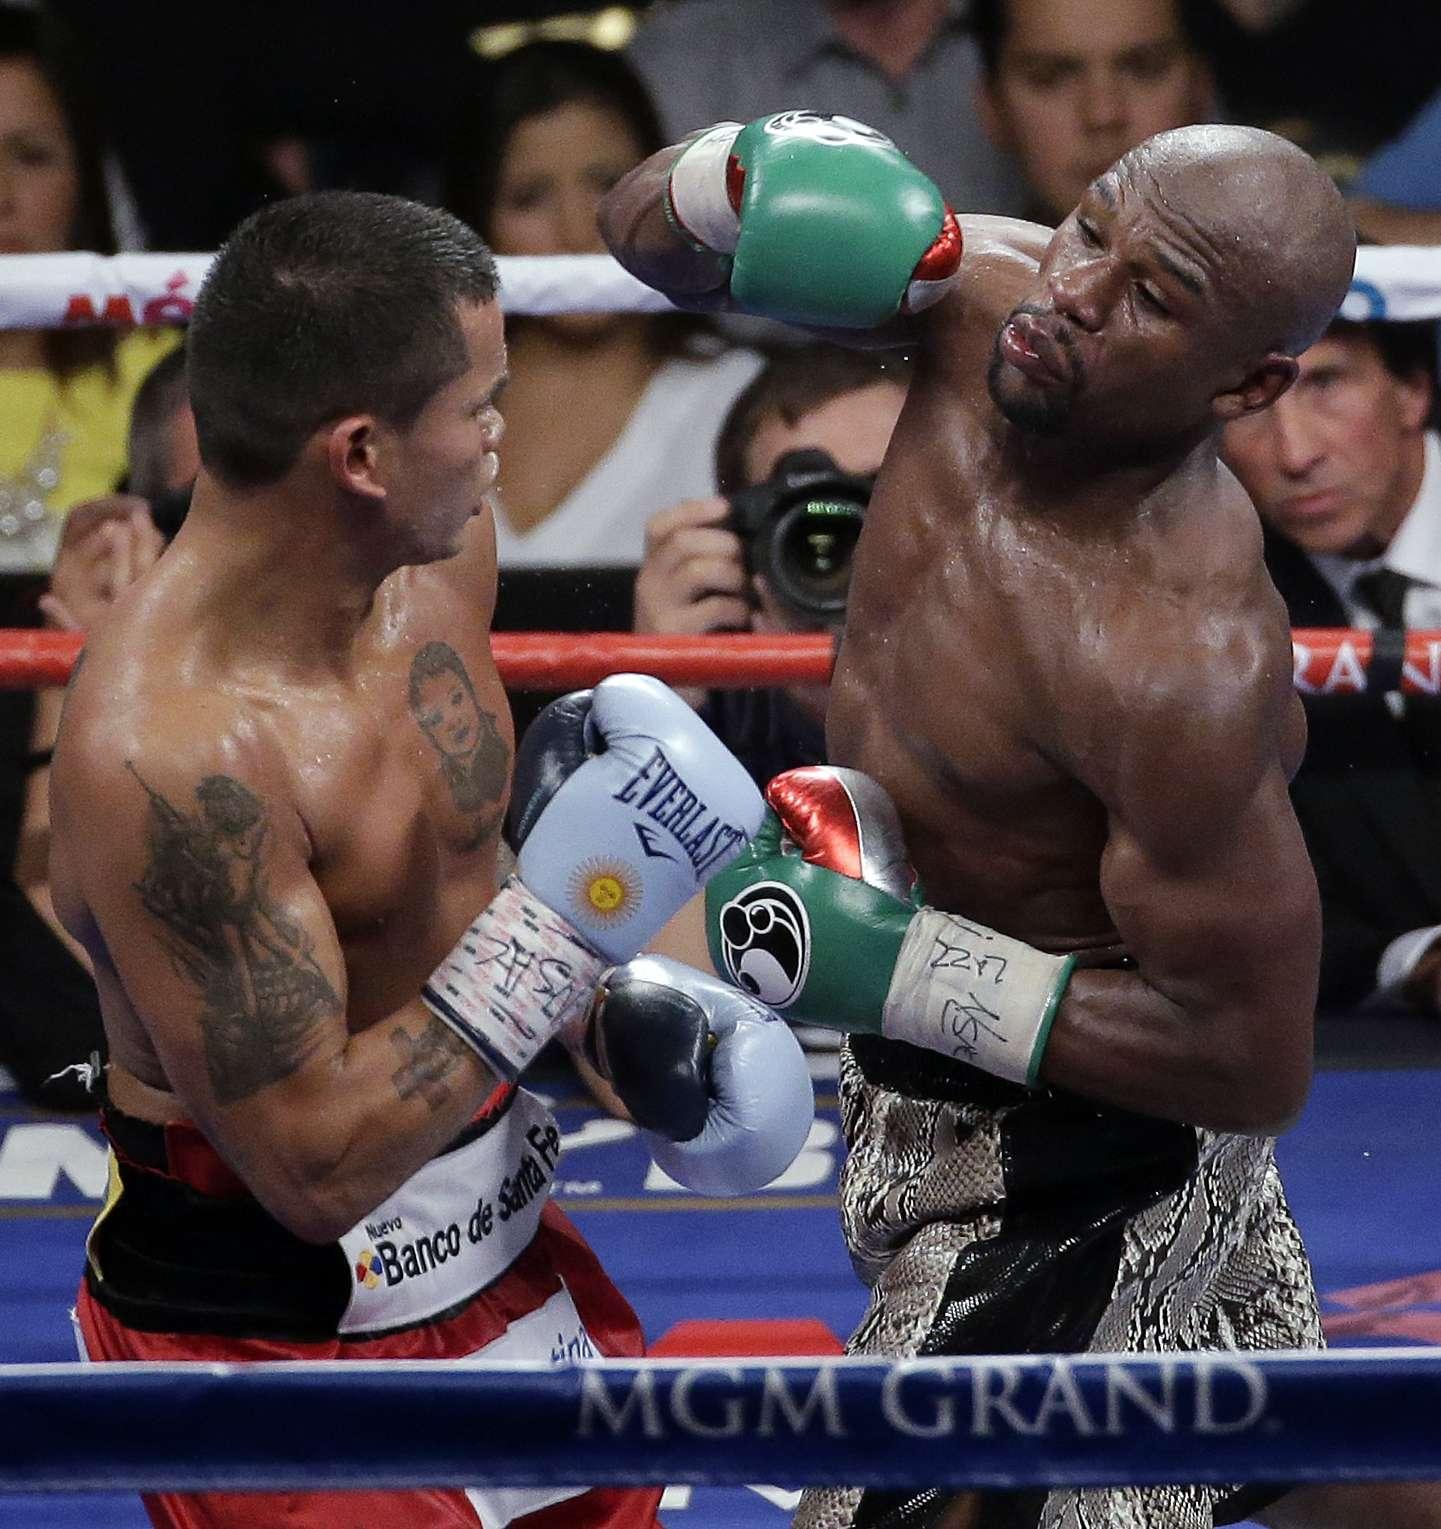 Otra vez Floyd Mayweather deja grandes cantidades de dinero por sus combates. Foto: AP